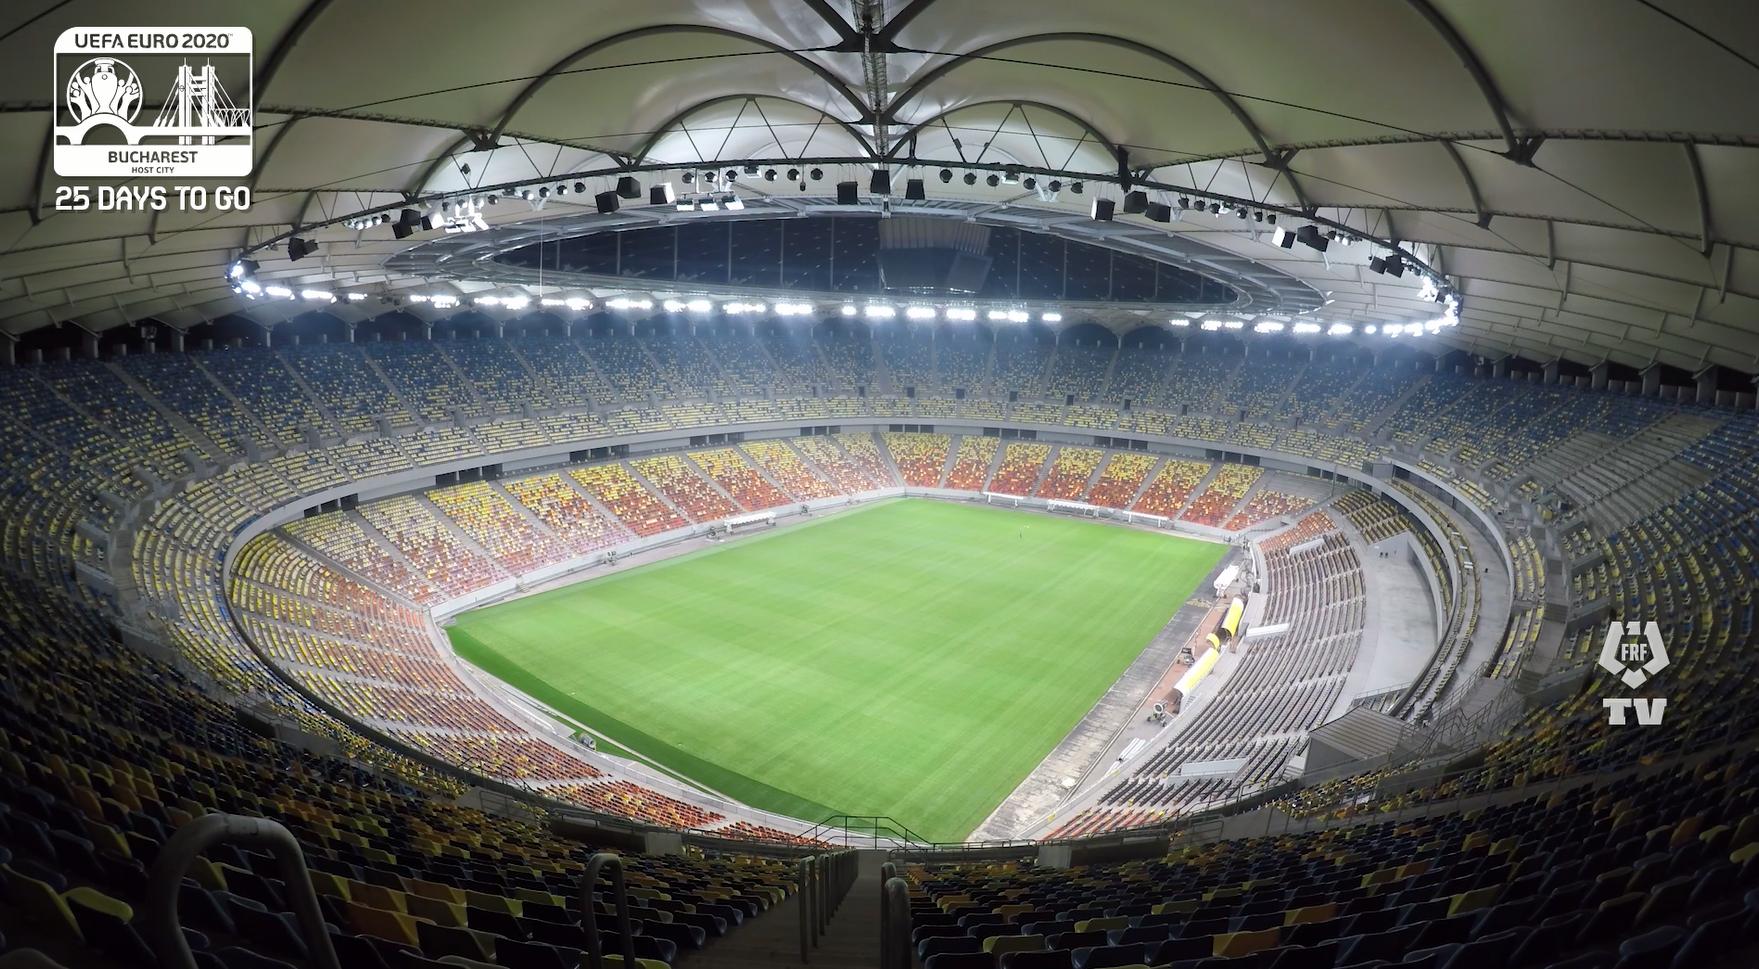 Nocturna de pe Arena Națională a fost modernizată. Primăria Capitalei a finalizat lucrările